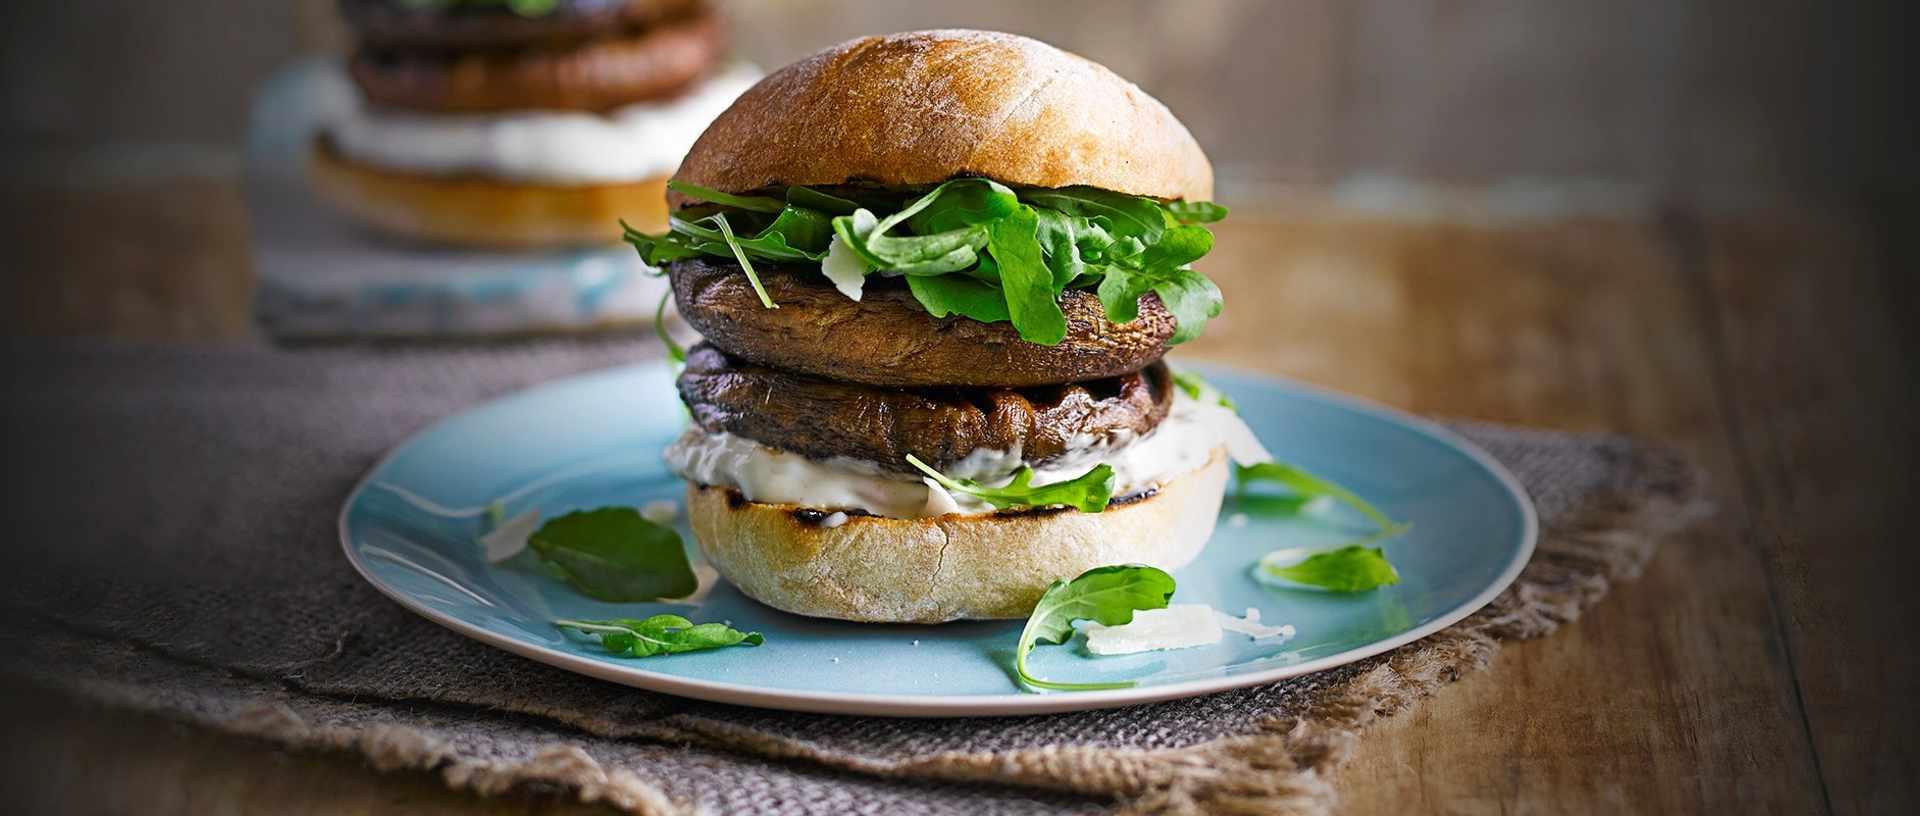 truffled mushroom burger